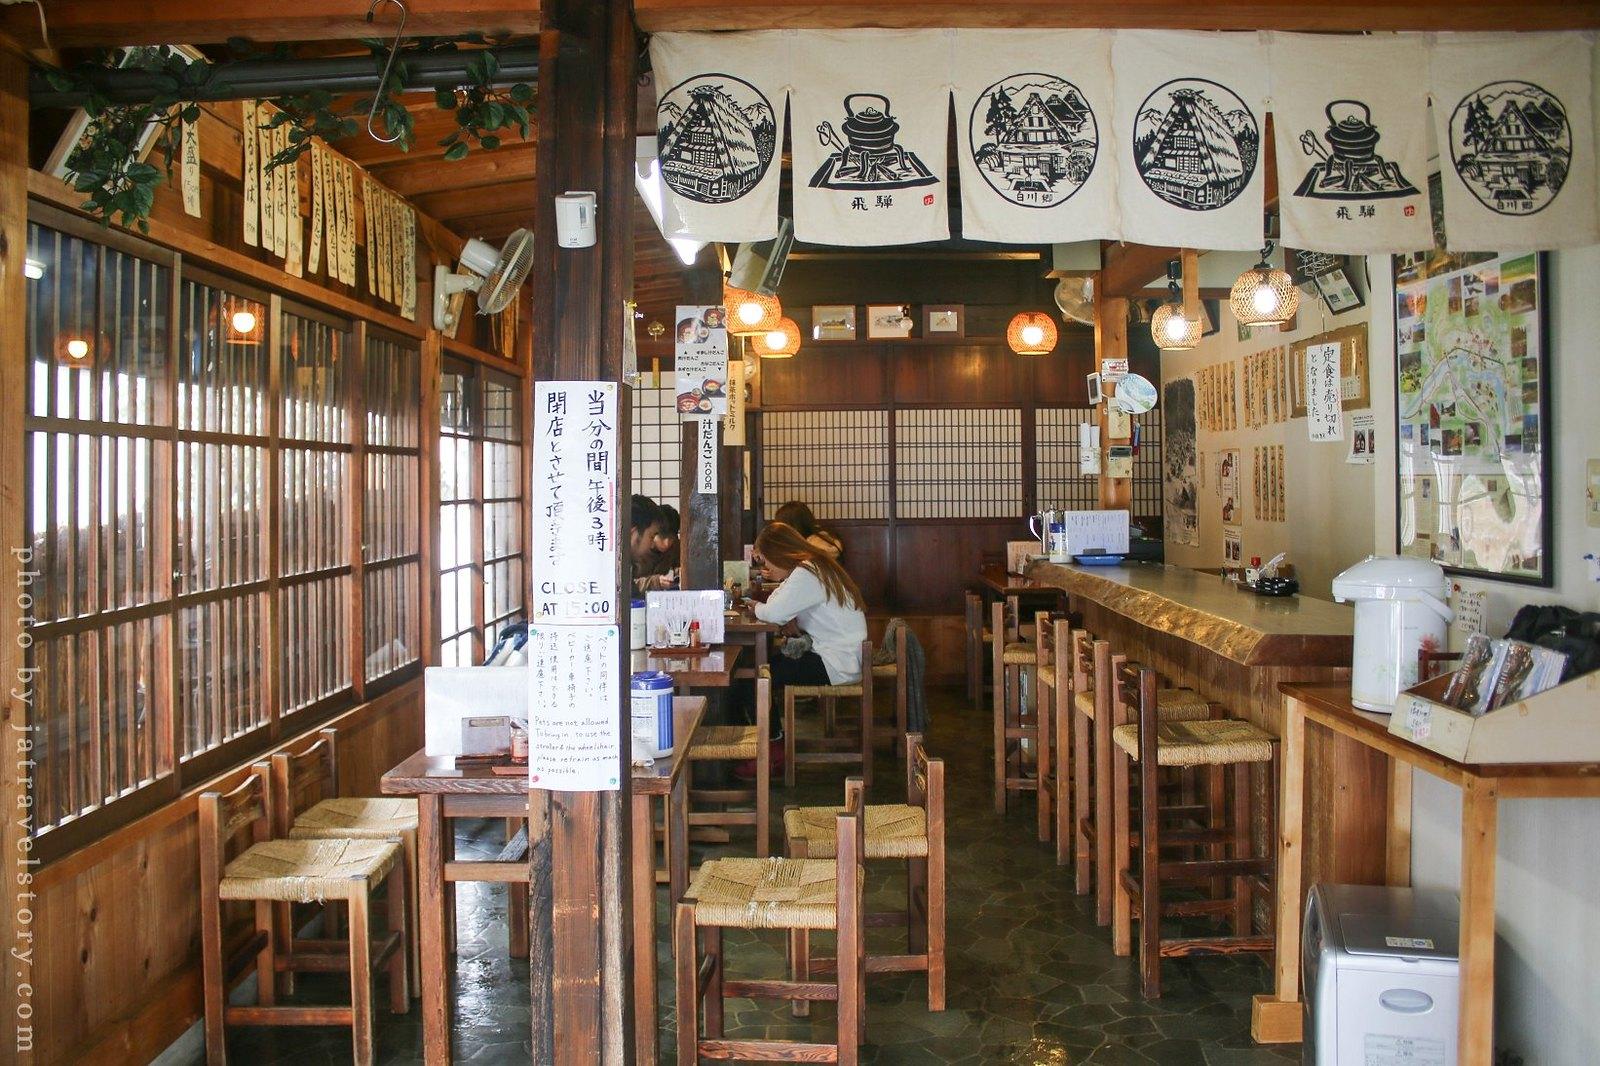 【白川鄉合掌村美食/岐阜美食】今昔 飛驒牛定食 蕎麥麵 @J&A的旅行